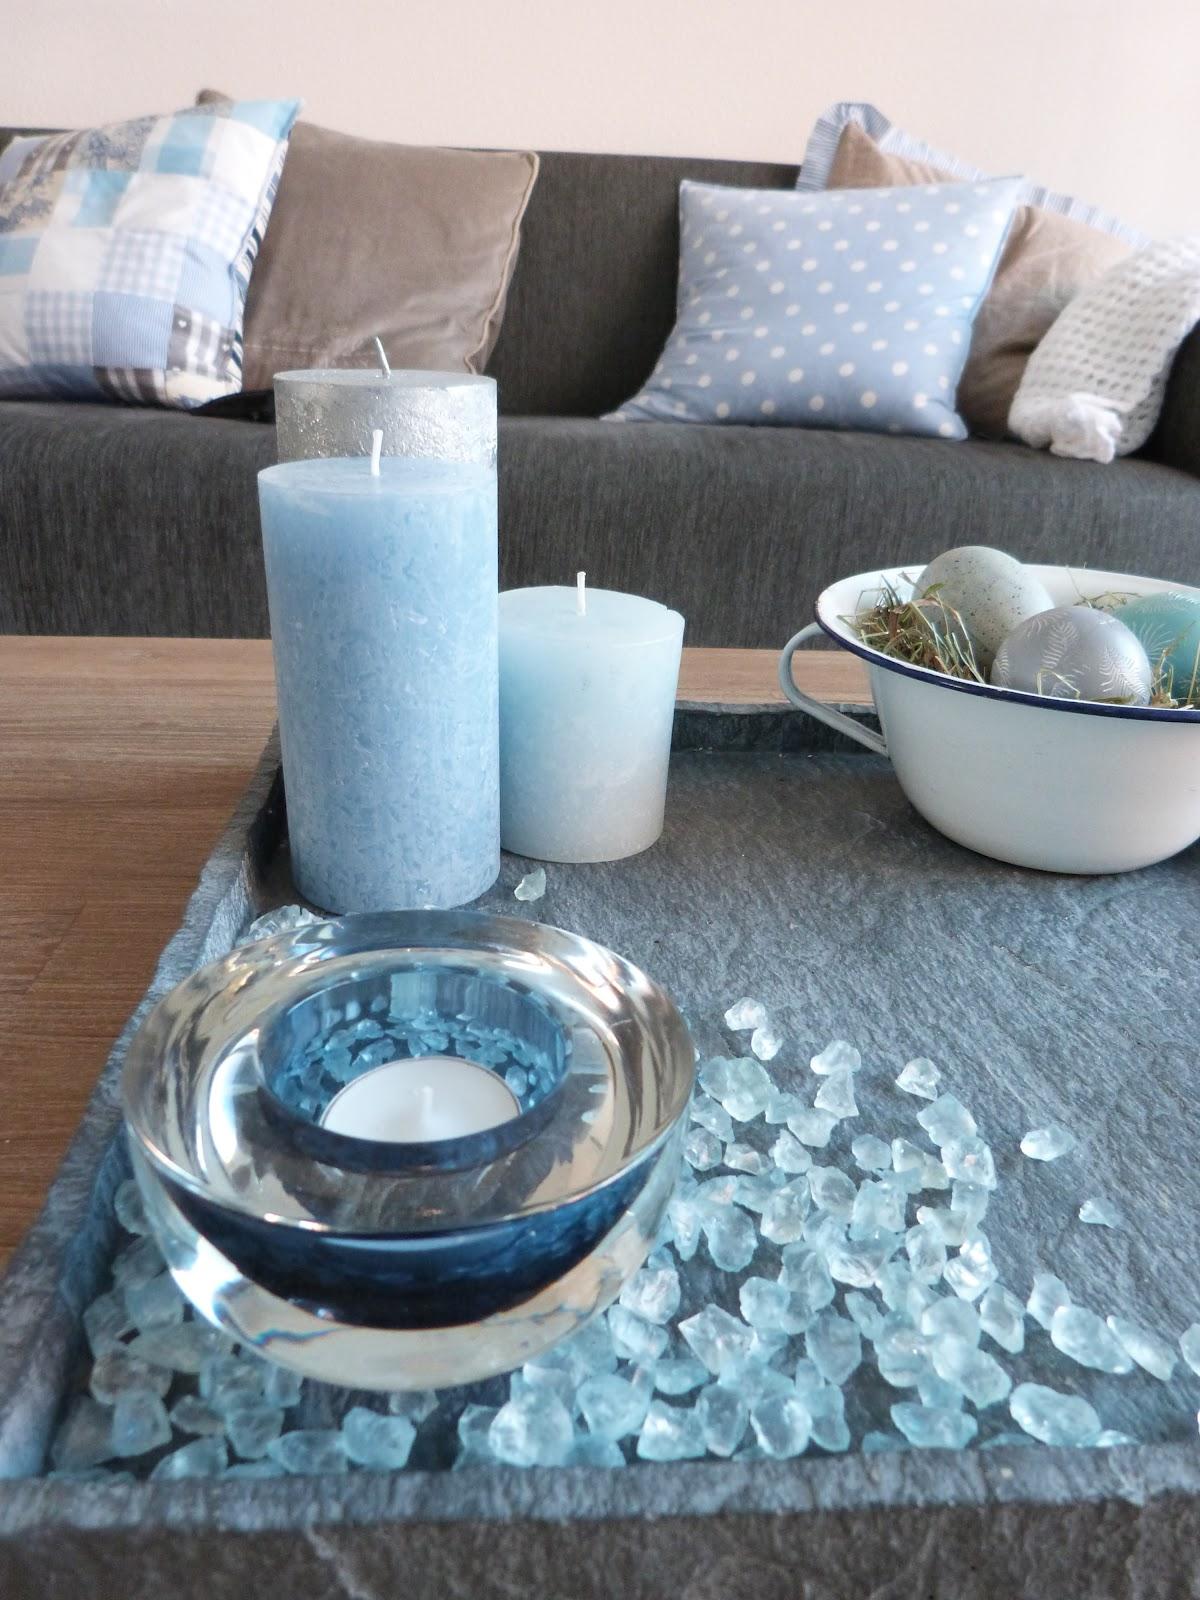 gebruikt de glazen steentjes hebben ook dezelfde blauwe kleur als ...